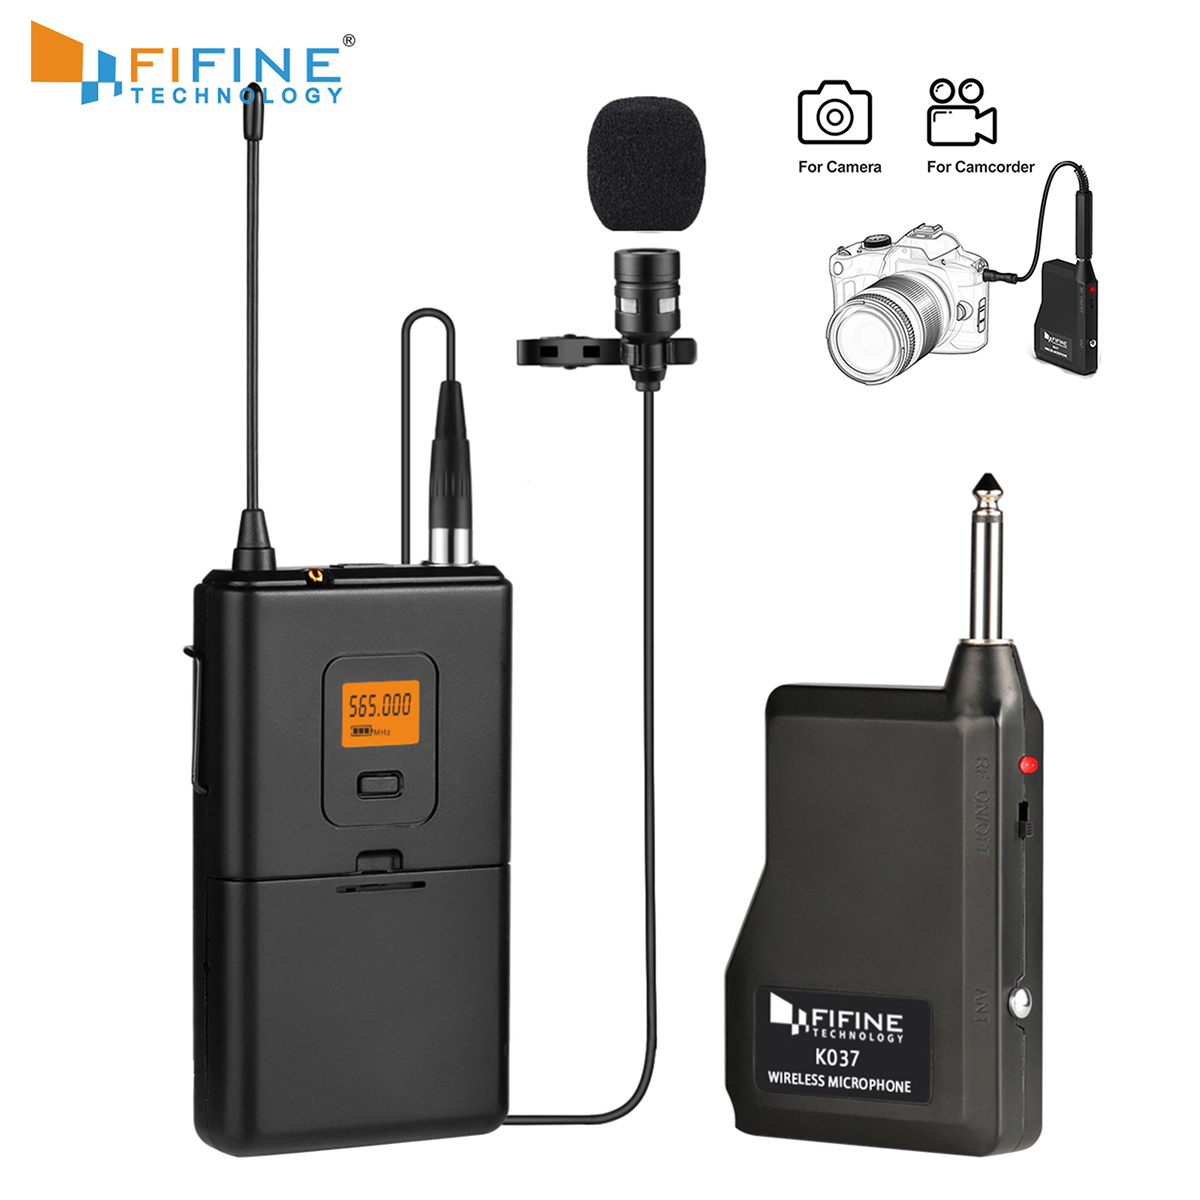 Fifine 20 canaux UHF sans fil Lavalier système de Microphone avec Bodypack transmetteur micro de revers et récepteur Portable k037